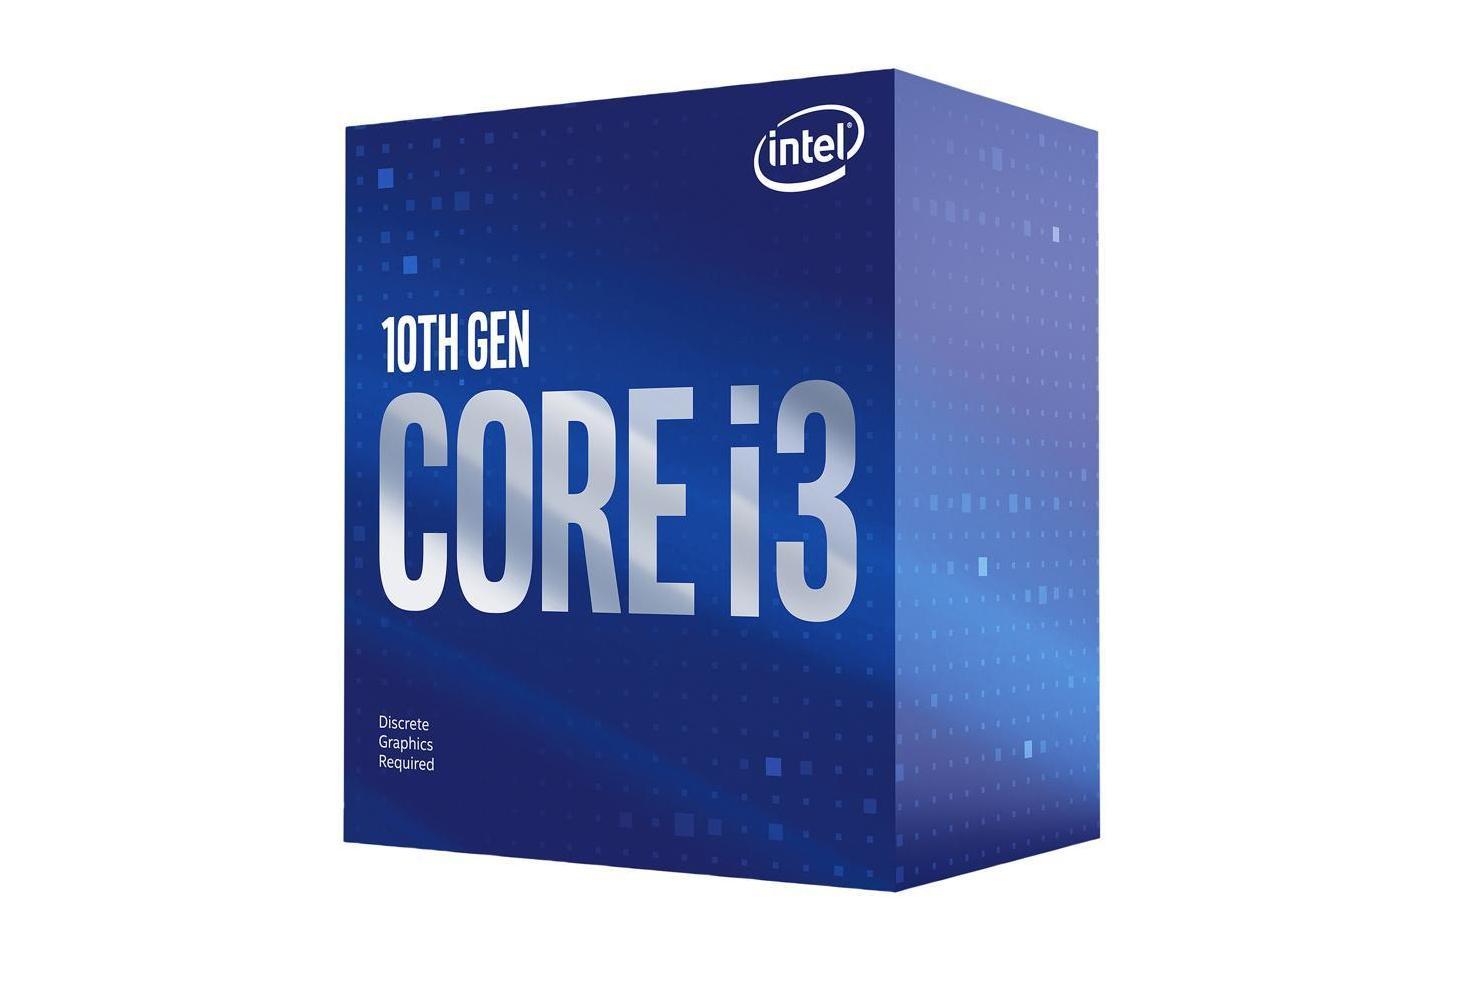 Core i3-10100F box